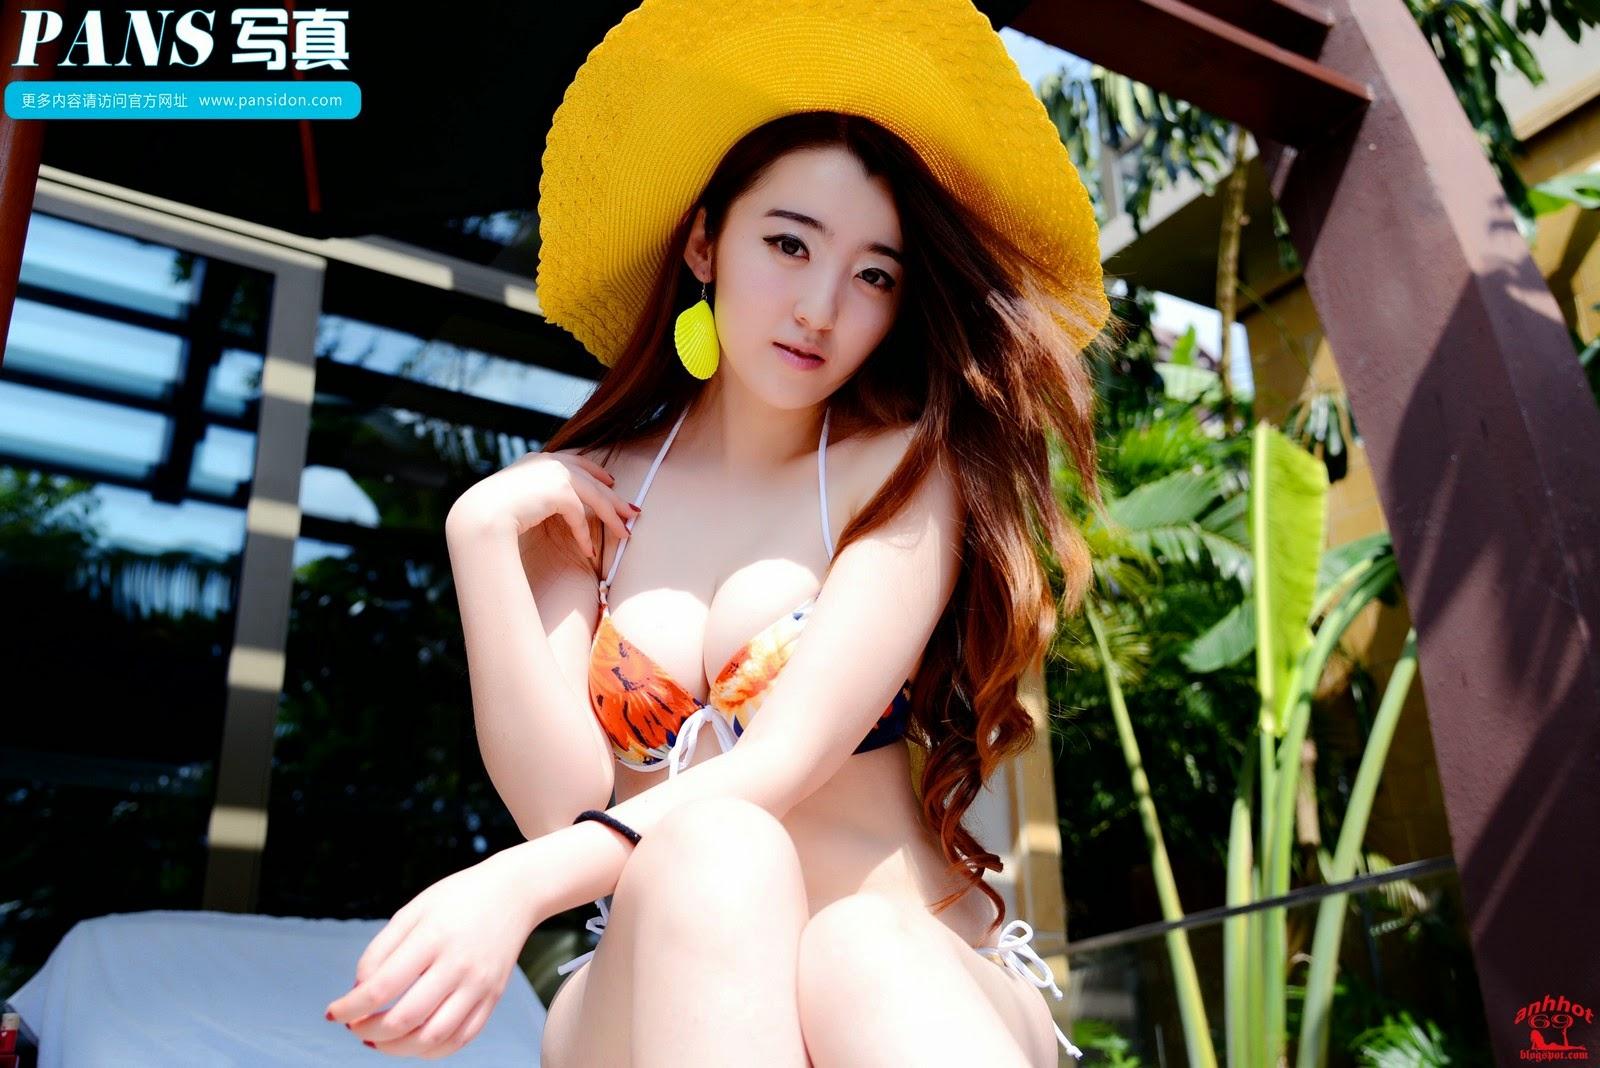 zi_xuan-pansidon-02535152